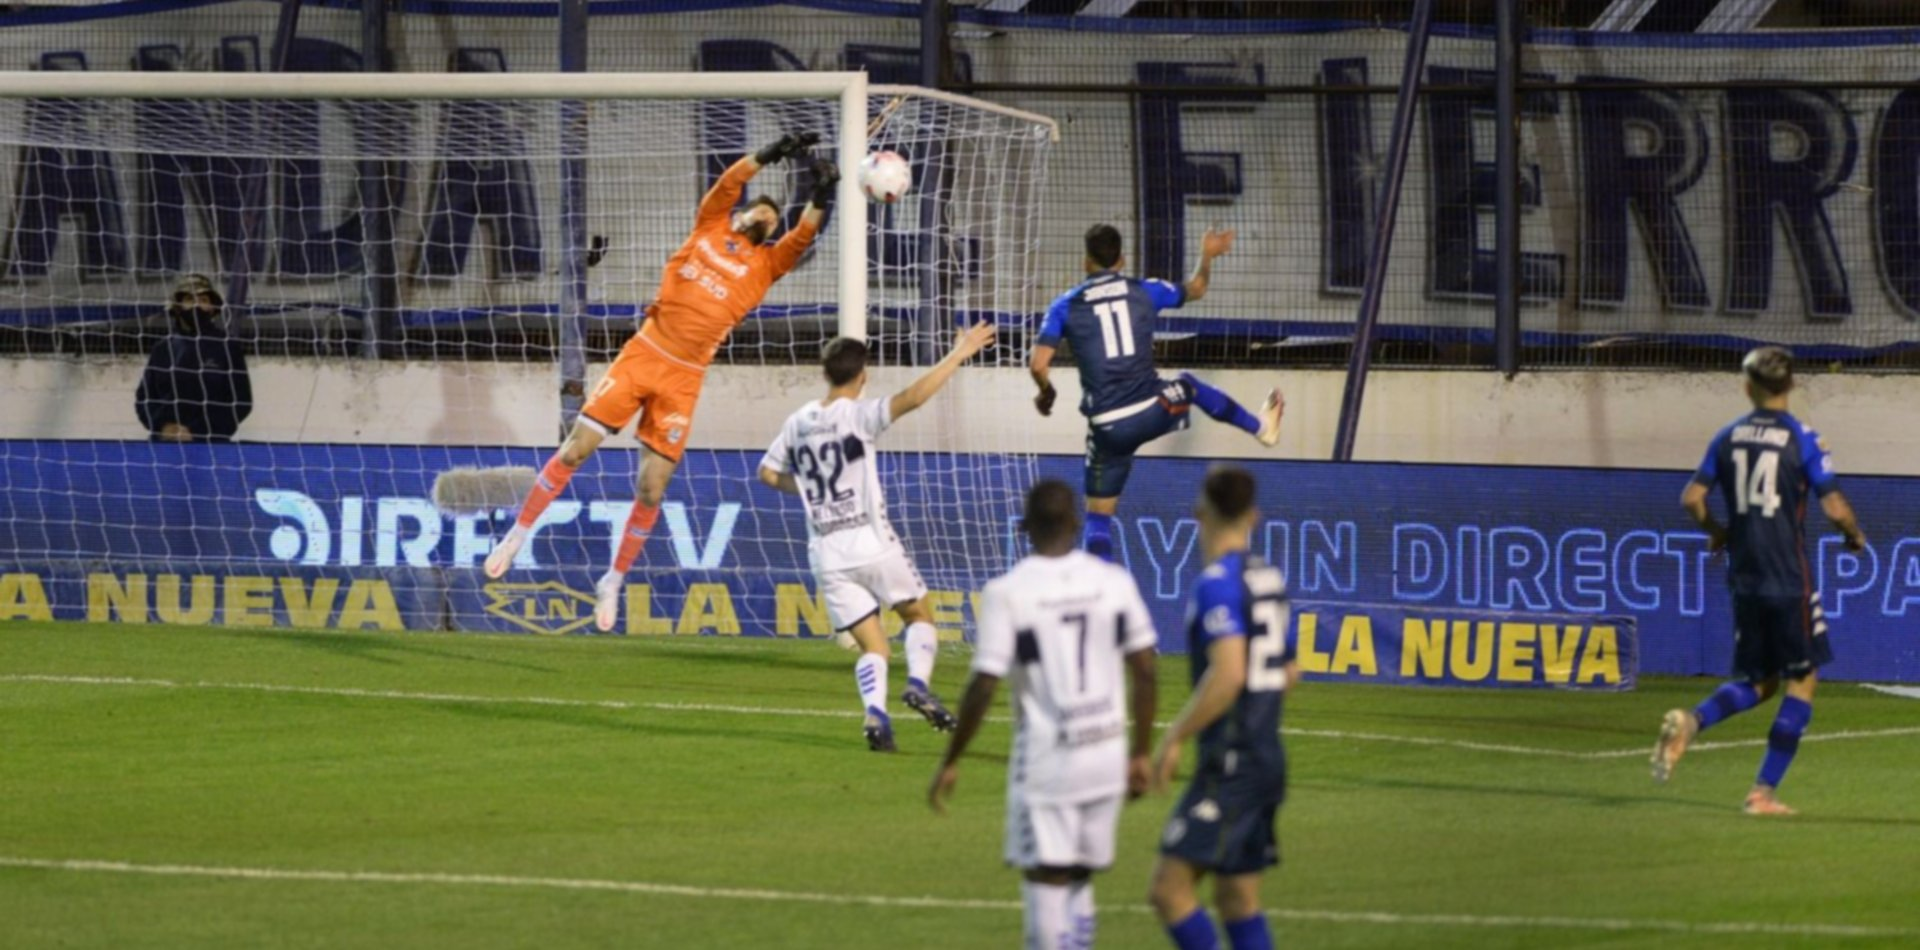 Rey y el travesaño salvaron a Gimnasia que consiguió un empate ante un duro Vélez